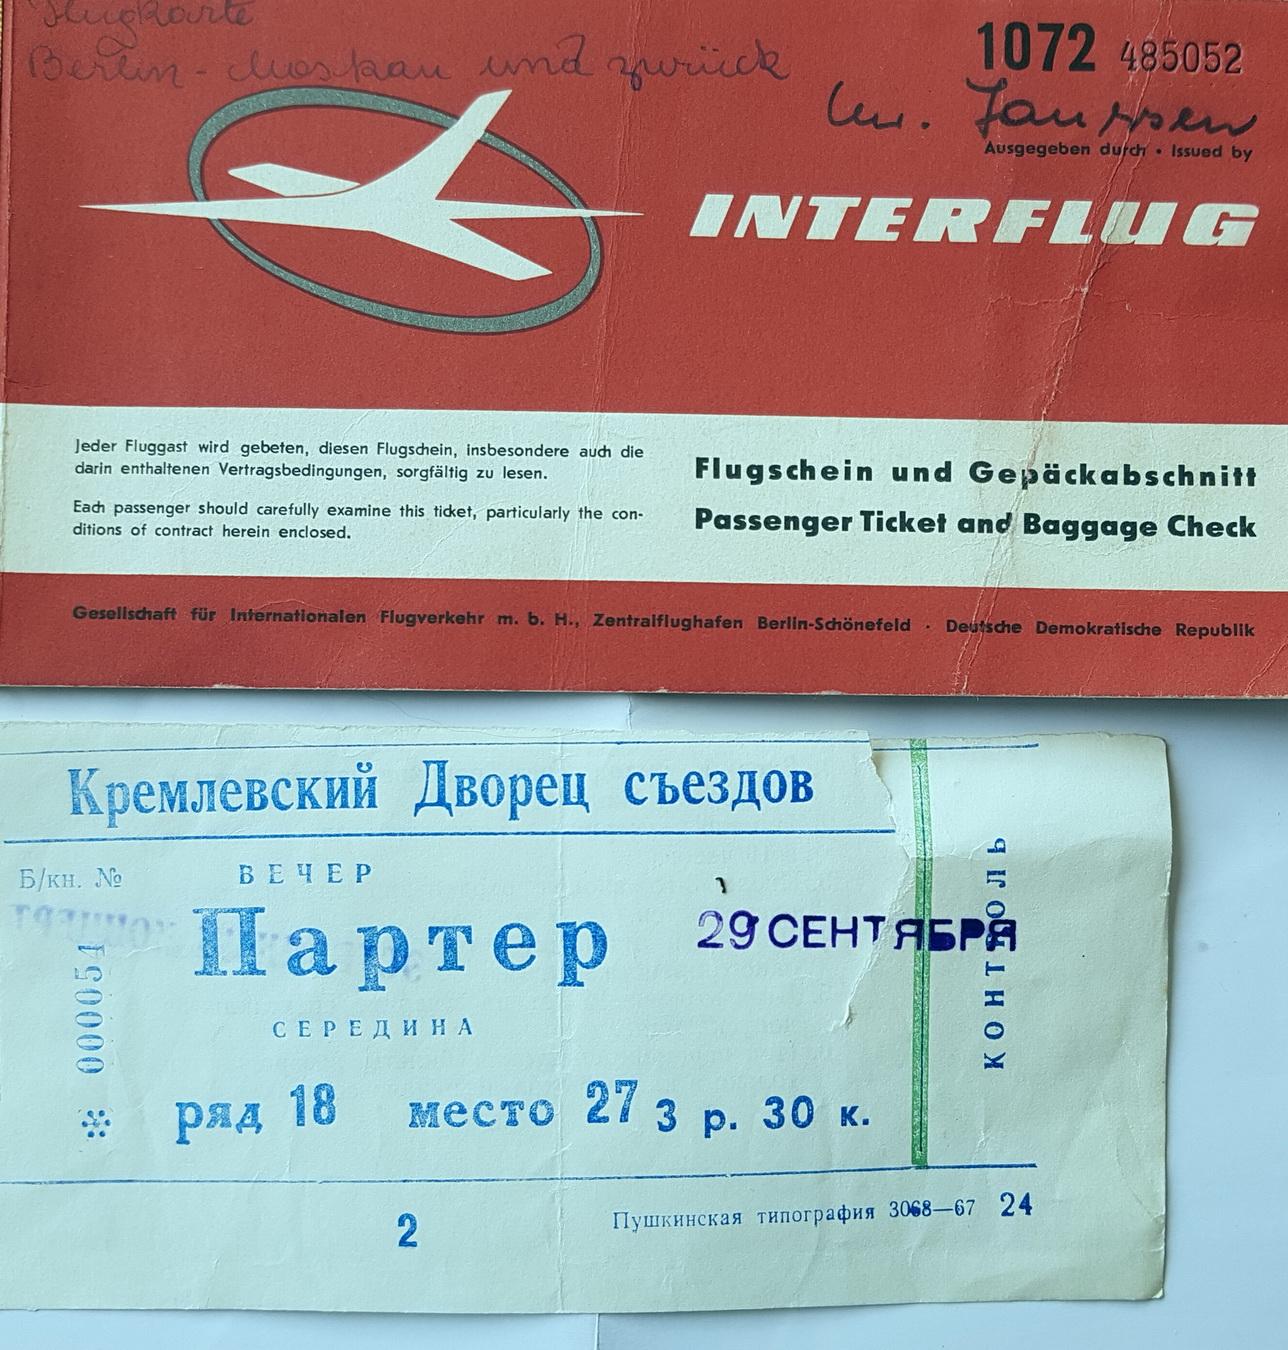 Interflug Ticket nach Moskau